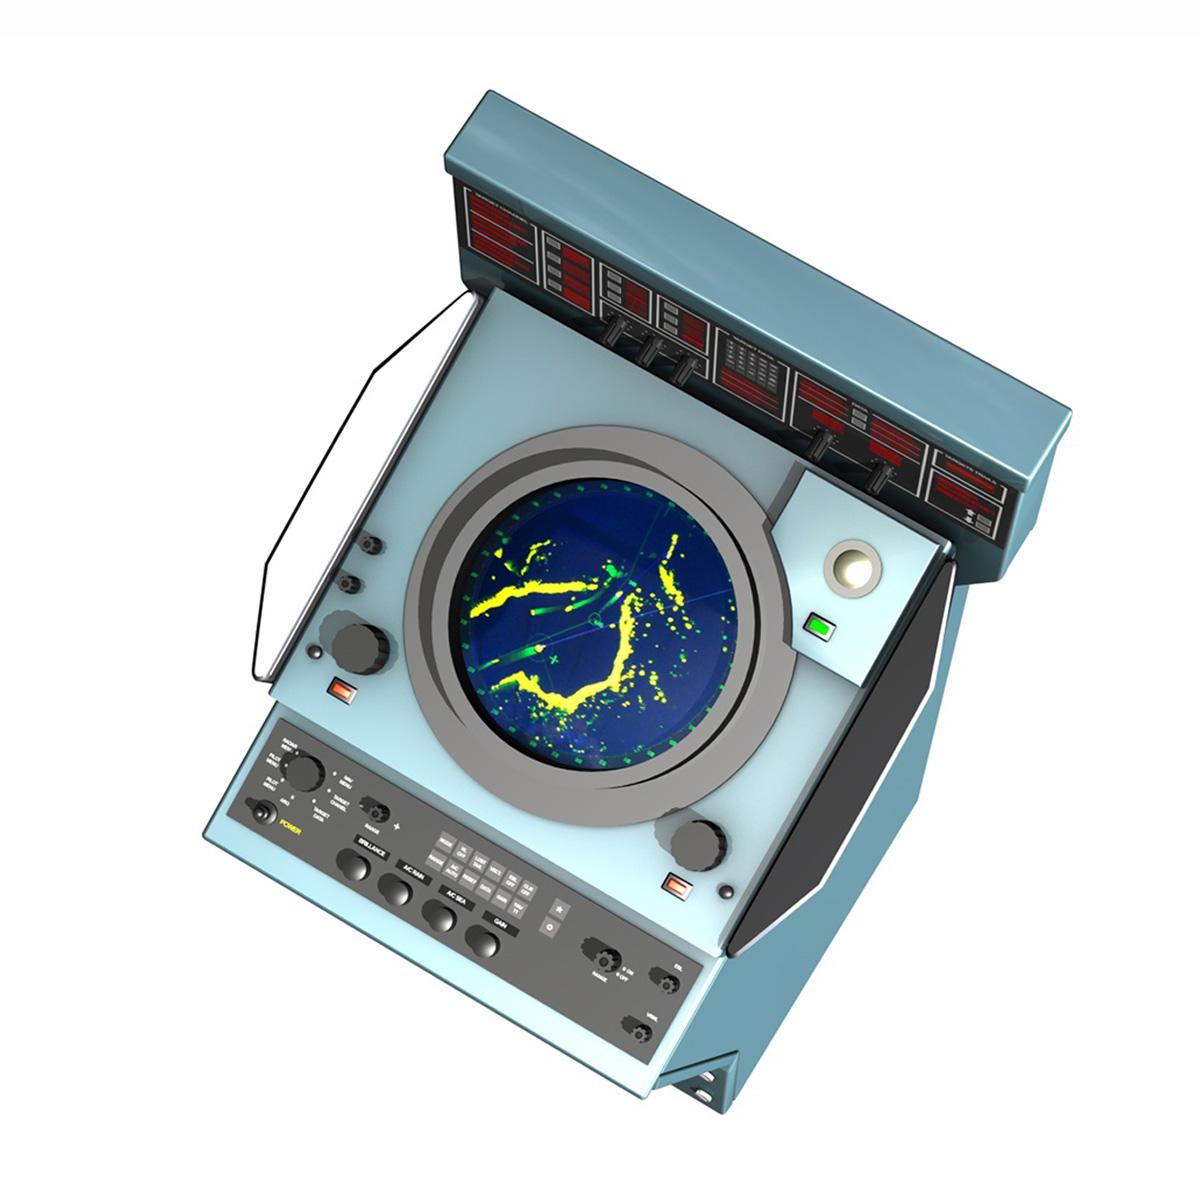 naval radar console 3d model 3ds fbx c4d lwo obj 189436